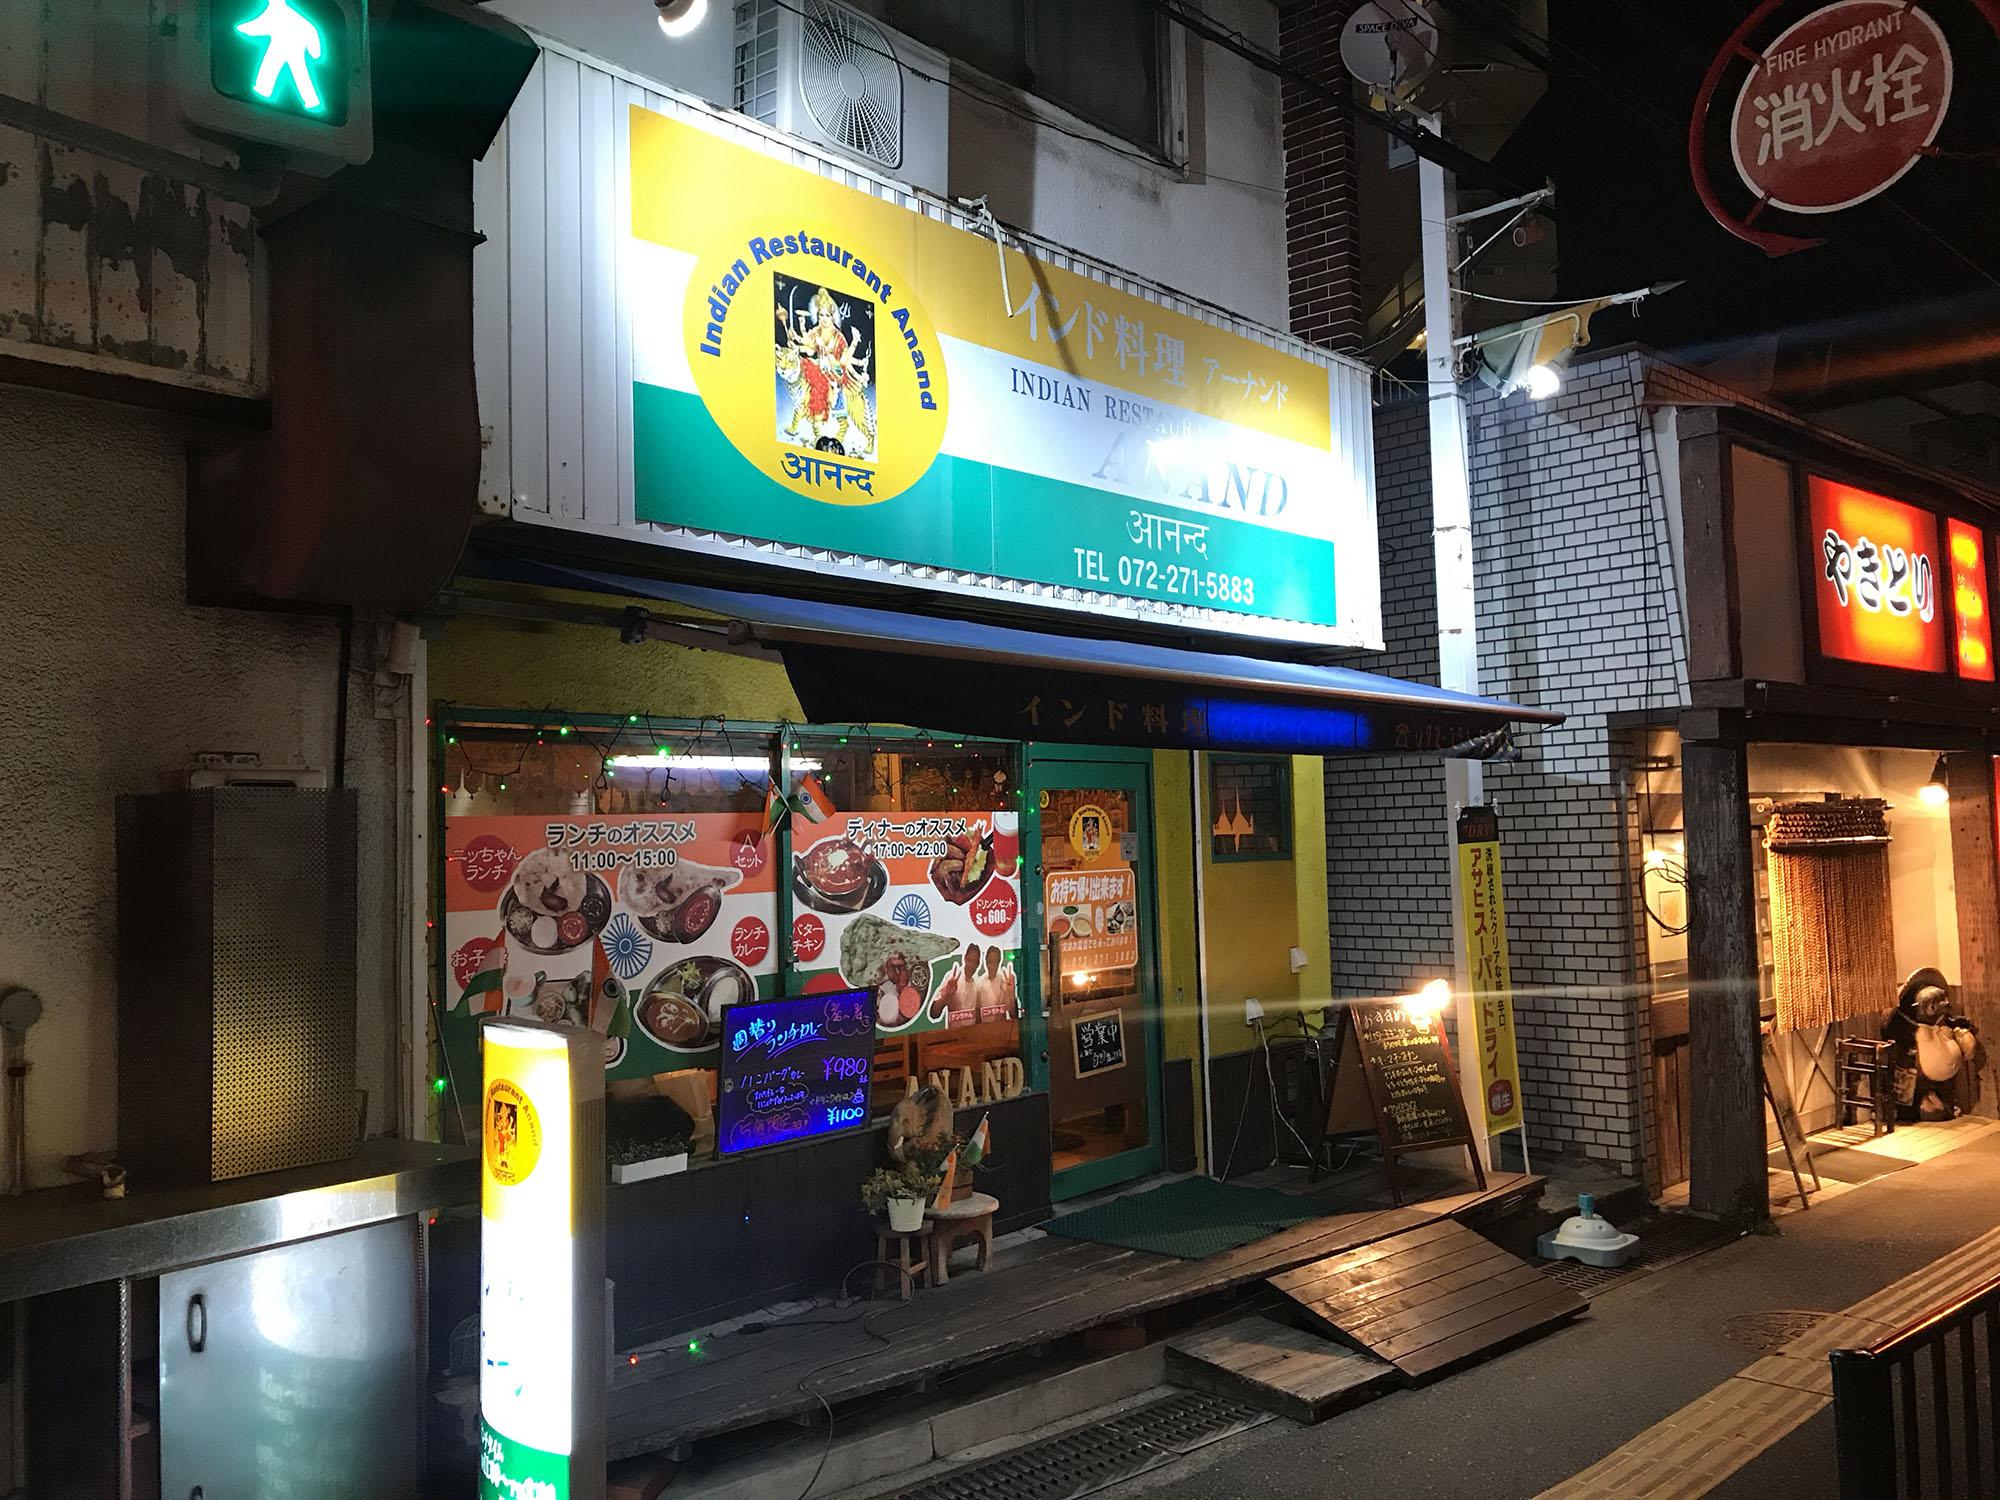 アーナンド インドカレー 大阪 堺市 鳳 インド料理はランチやディナーにもおすすめ、お持ち帰りもできる。